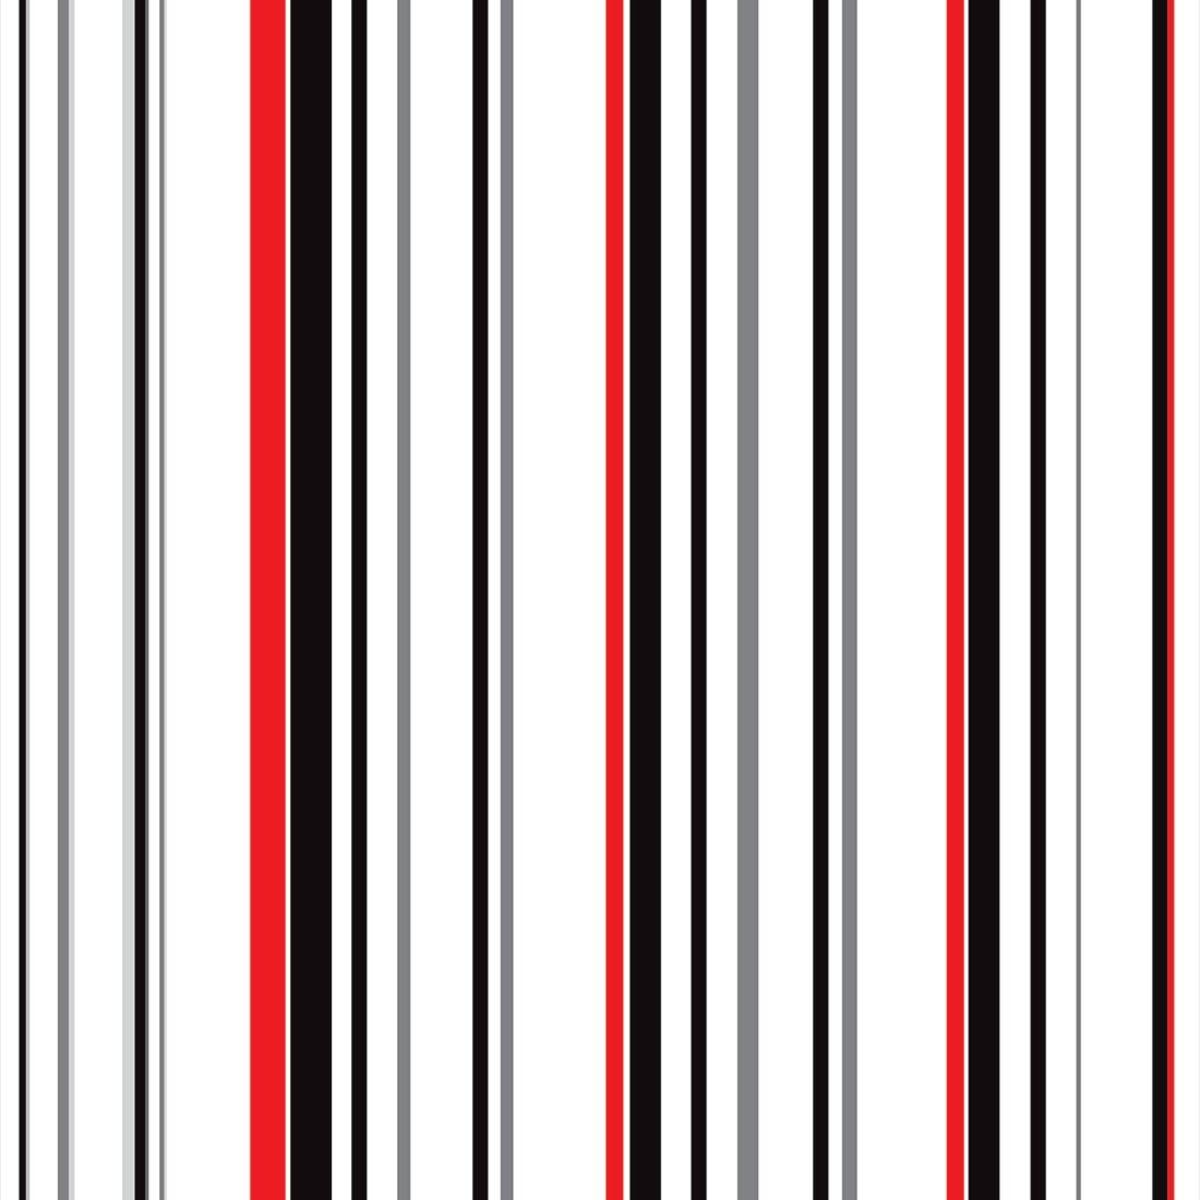 Papel Parede Listras Sobre Tons De Vermelho Preto E Branco No